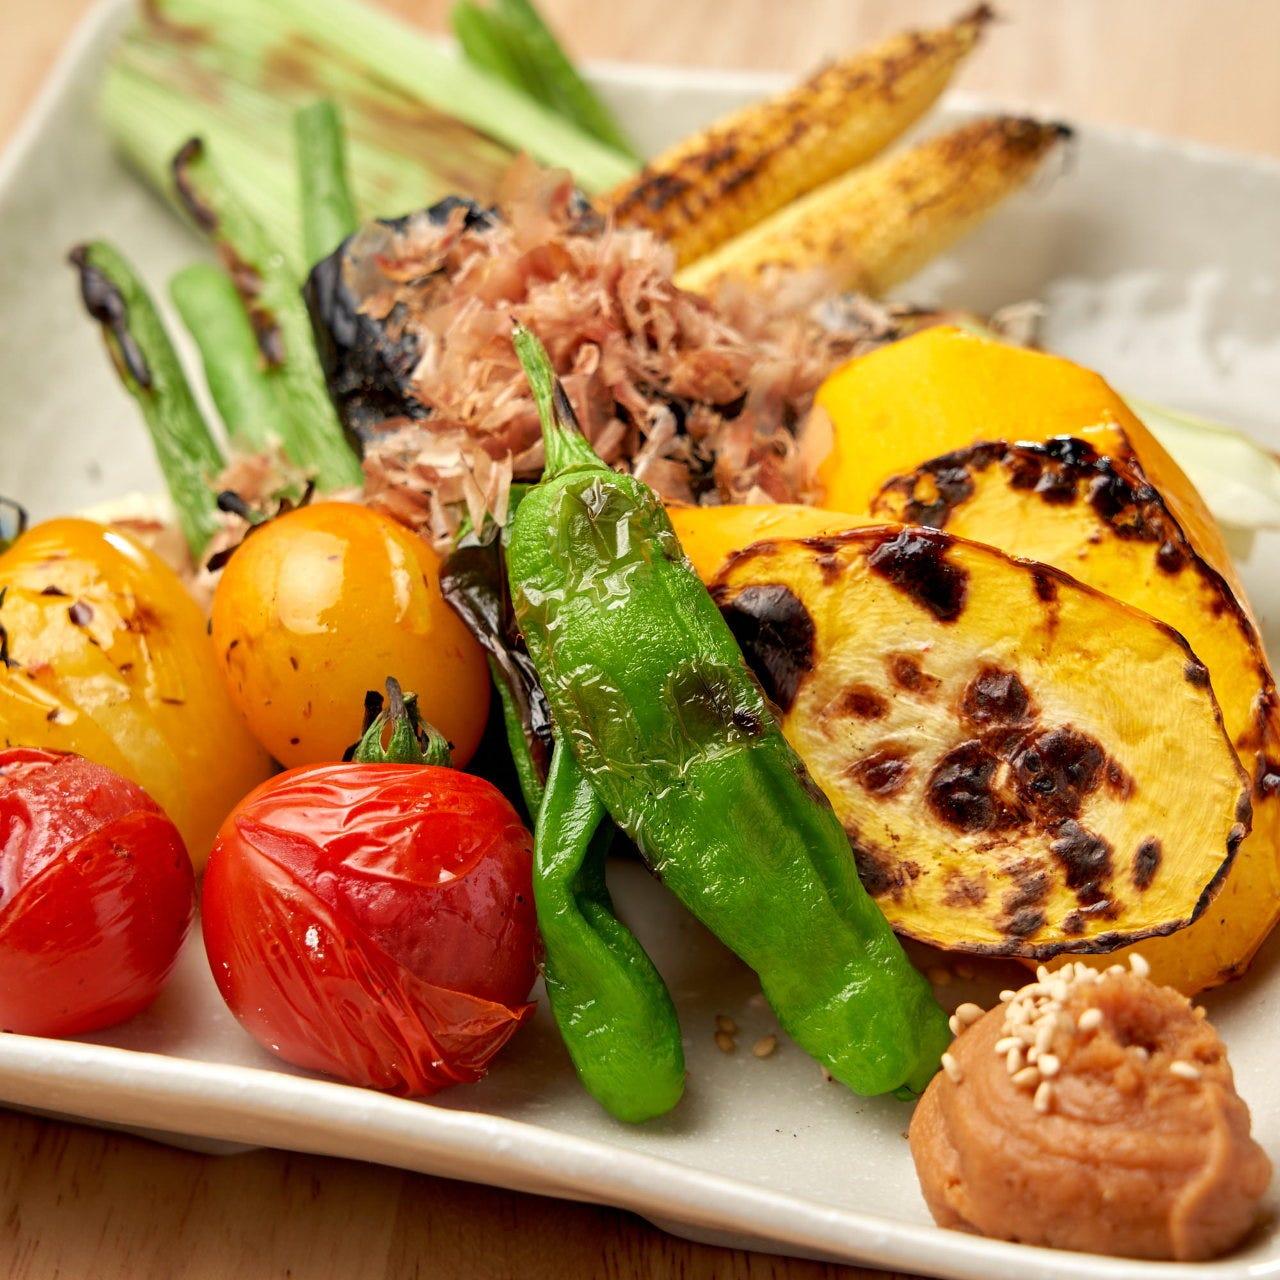 三浦野菜を使用した絶品メニュー